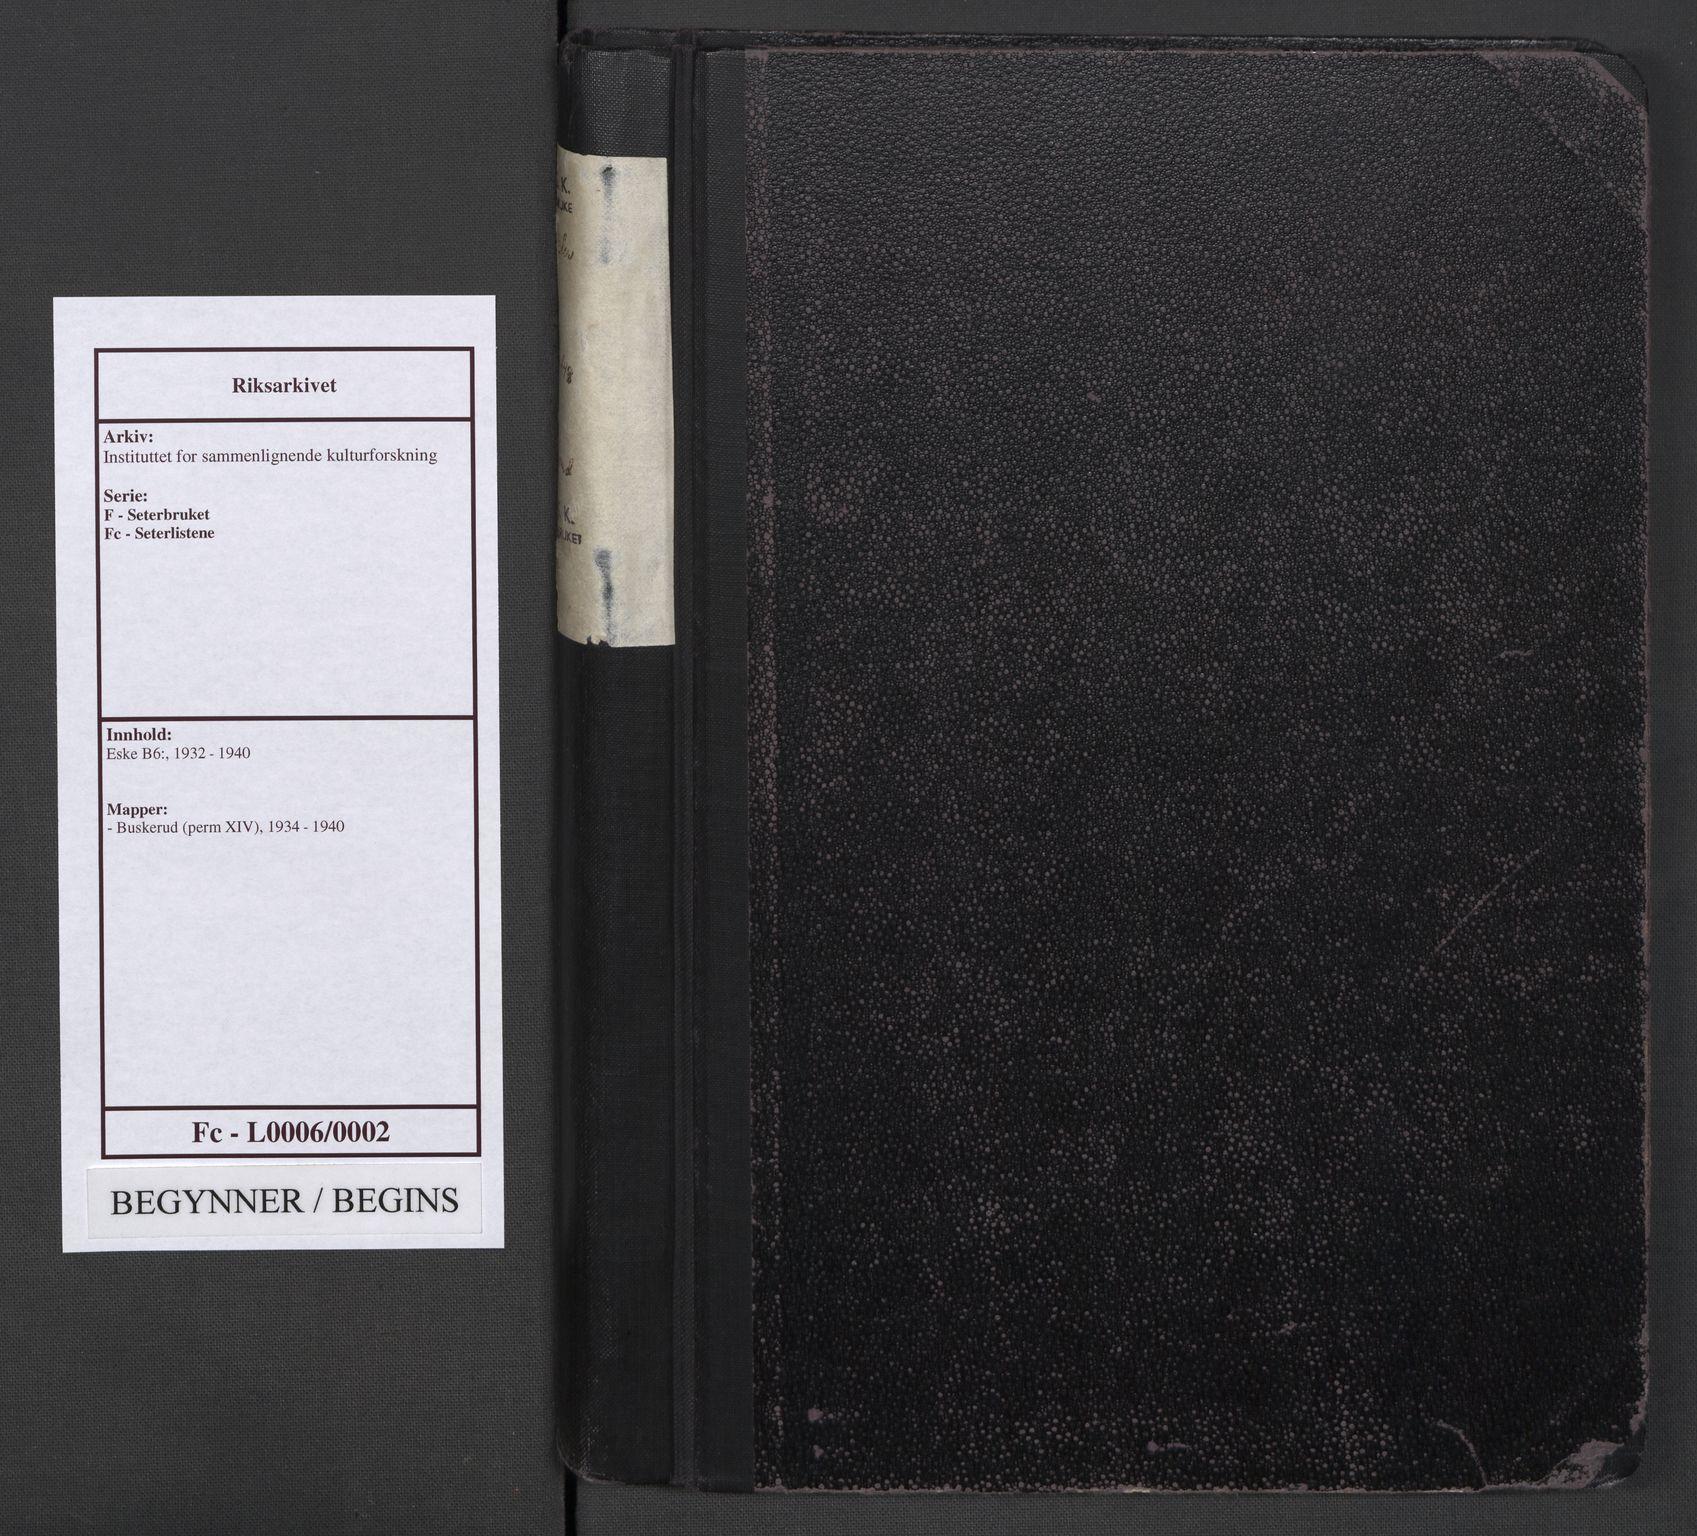 RA, Instituttet for sammenlignende kulturforskning, F/Fc/L0006: Eske B6:, 1934-1940, s. upaginert